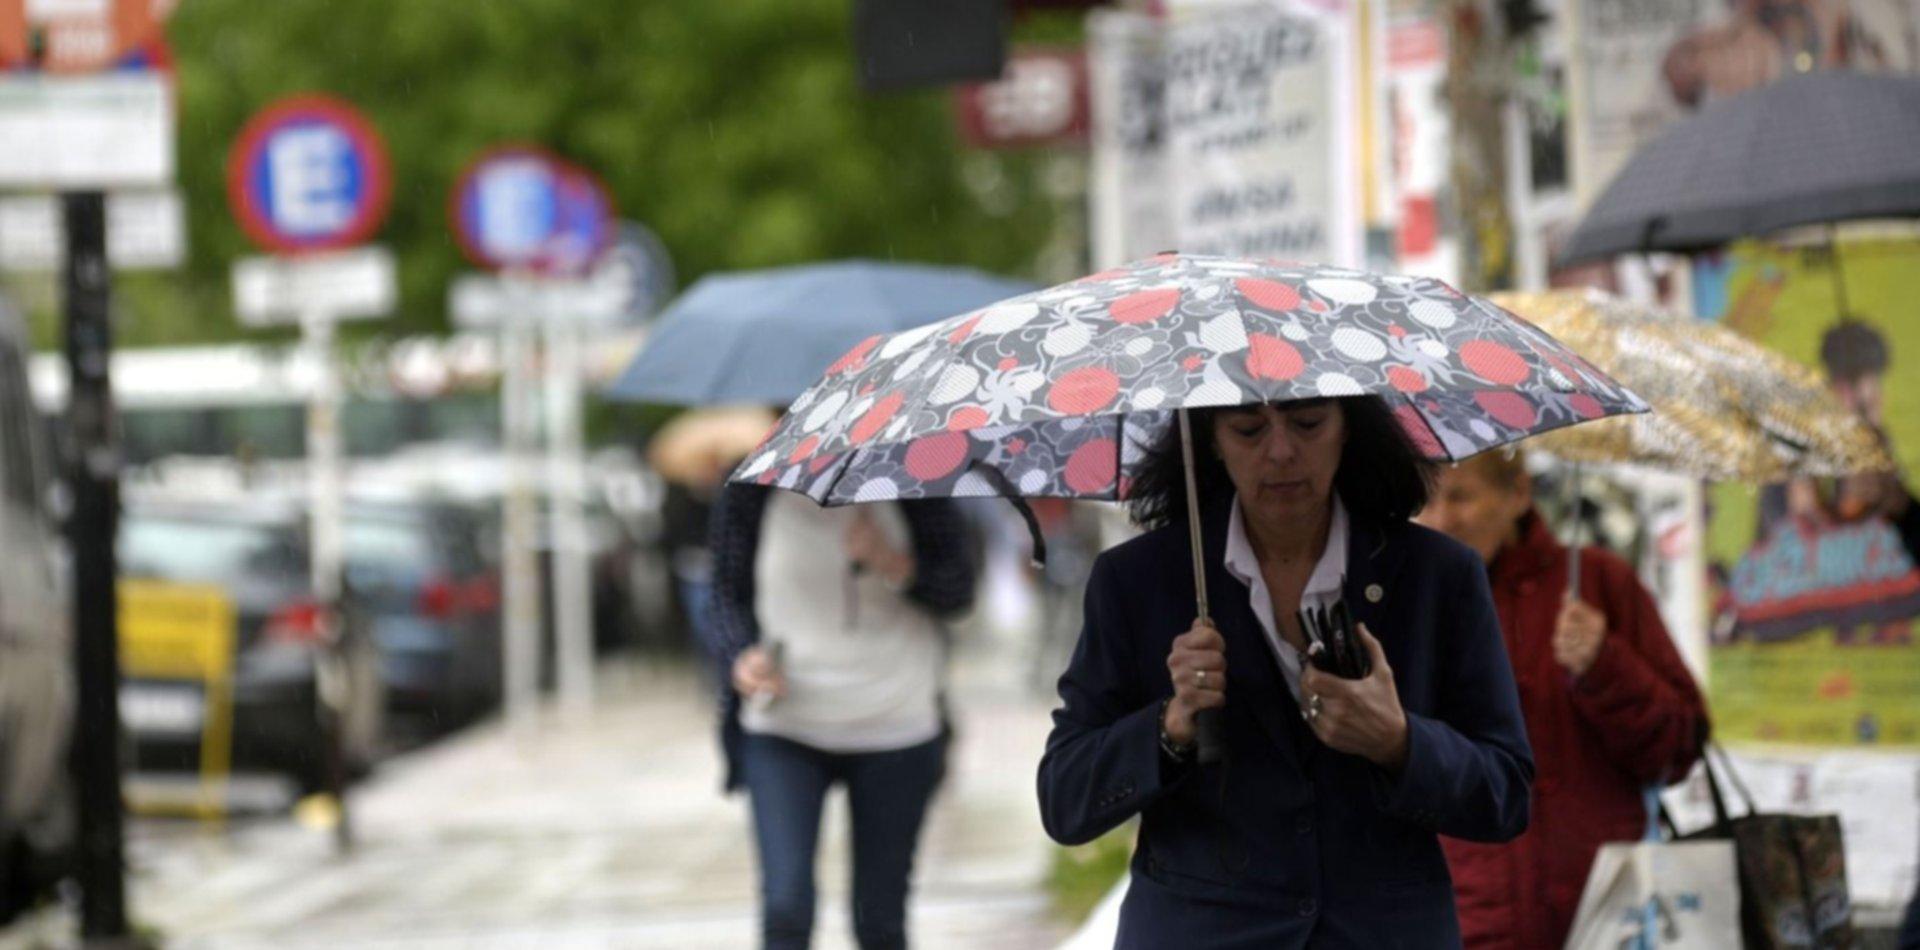 Clima: Lluvias leves y ascenso de la temperatura, así continuará el tiempo en La Plata